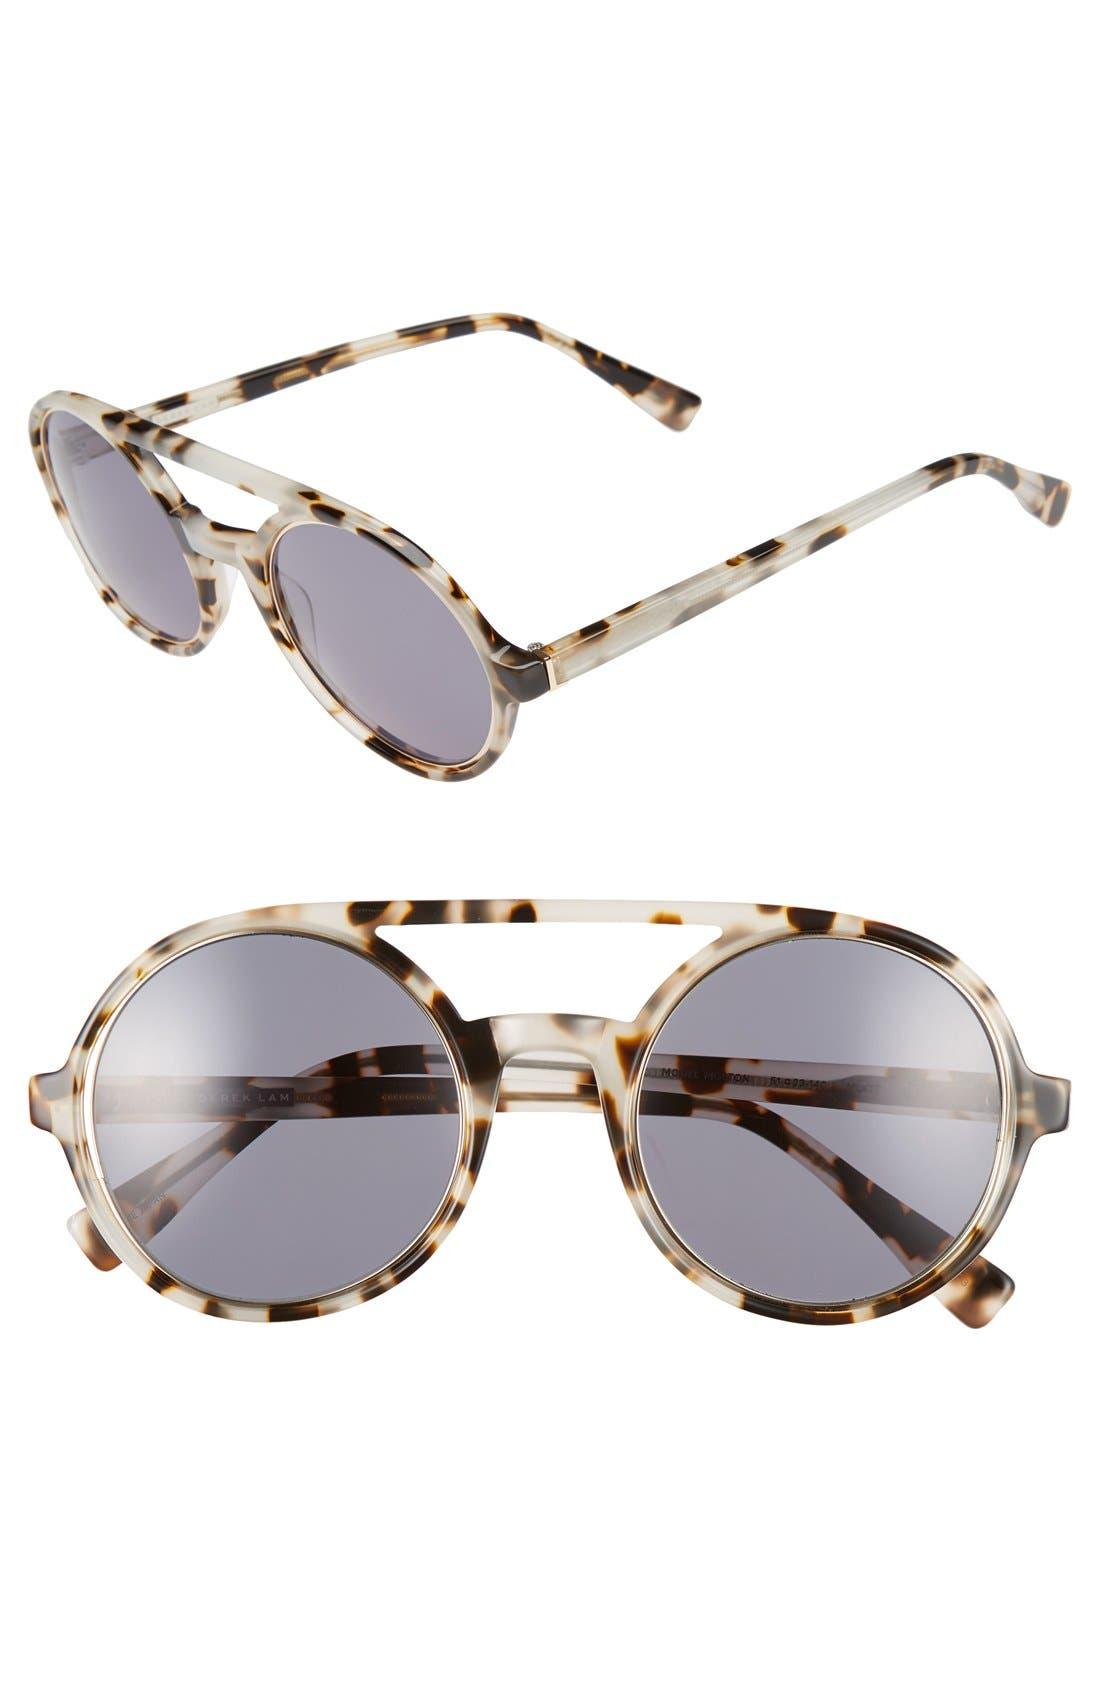 Alternate Image 1 Selected - Derek Lam 'Morton' 52mm Sunglasses